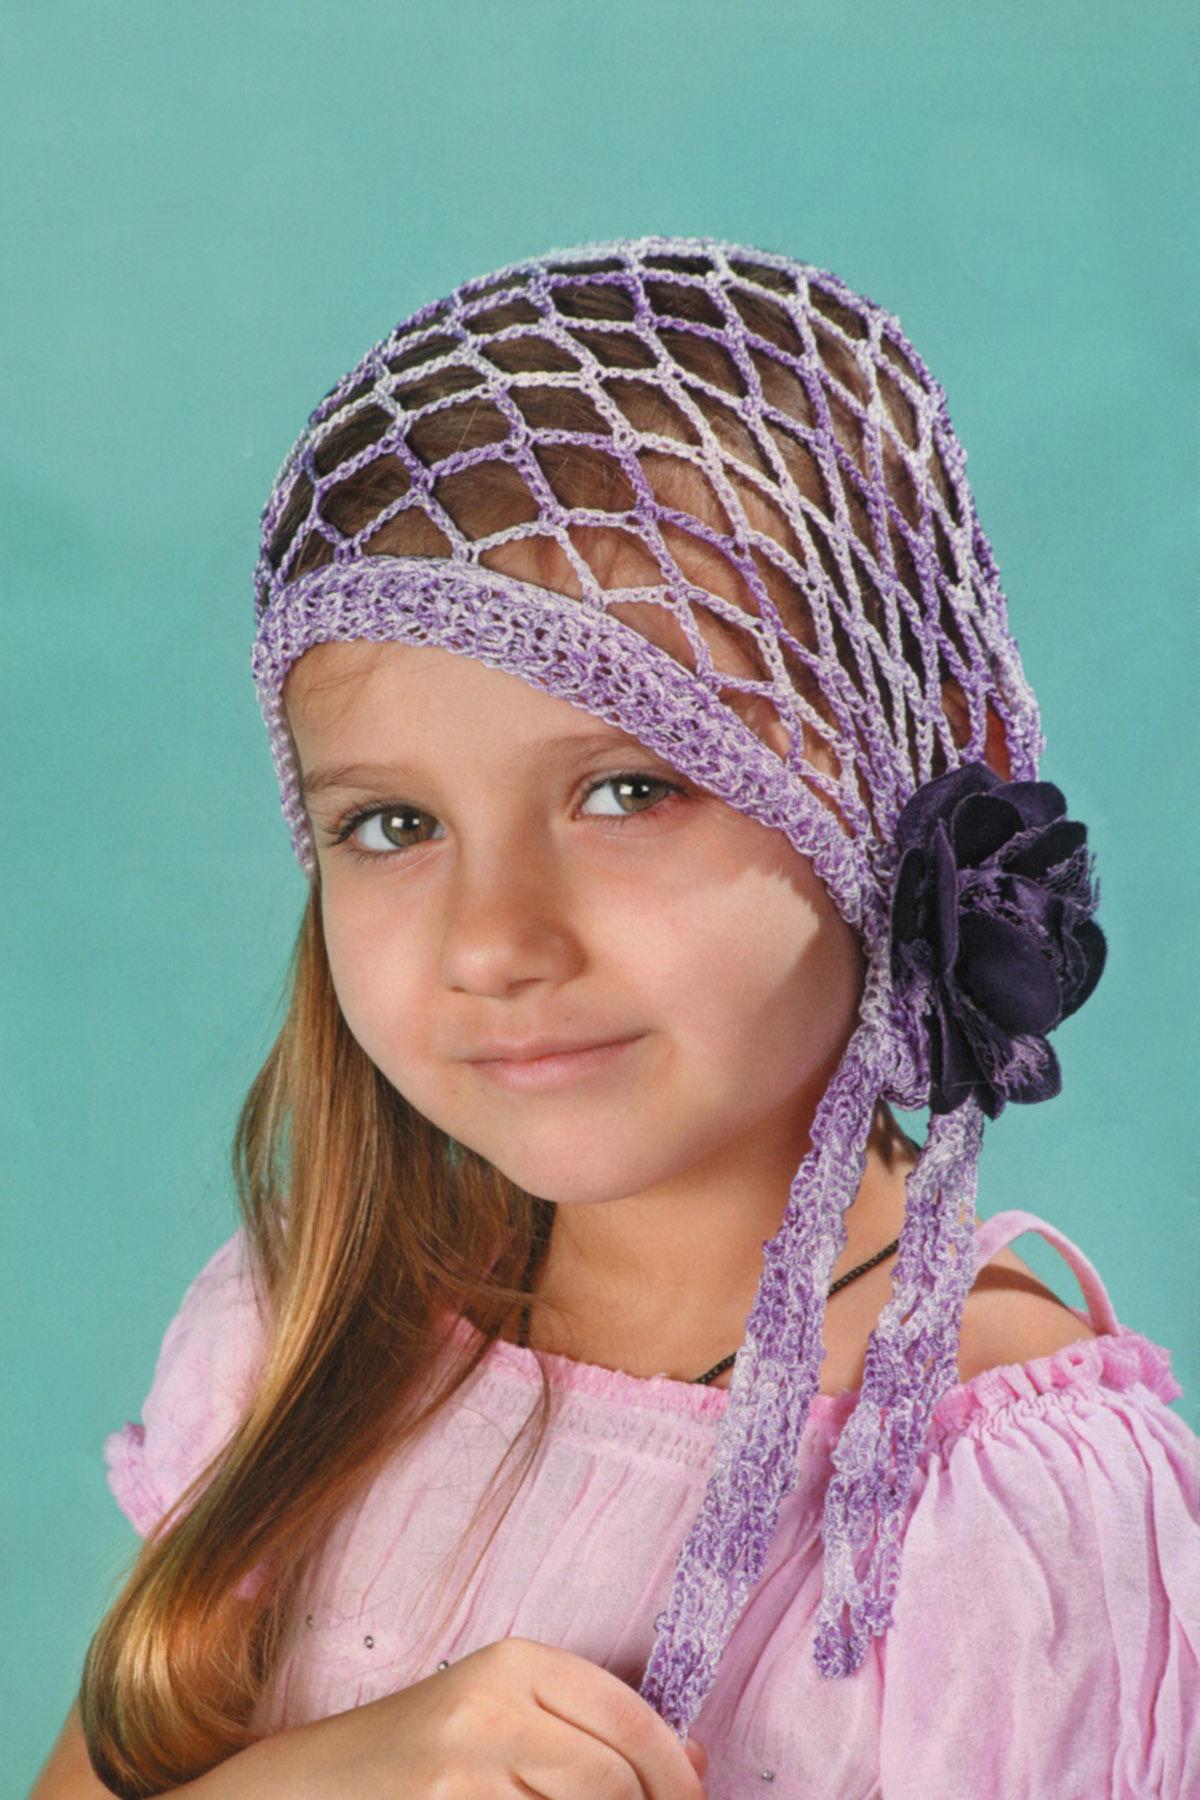 Ажурная и модная детская бандана вяжется быстро и несложно.